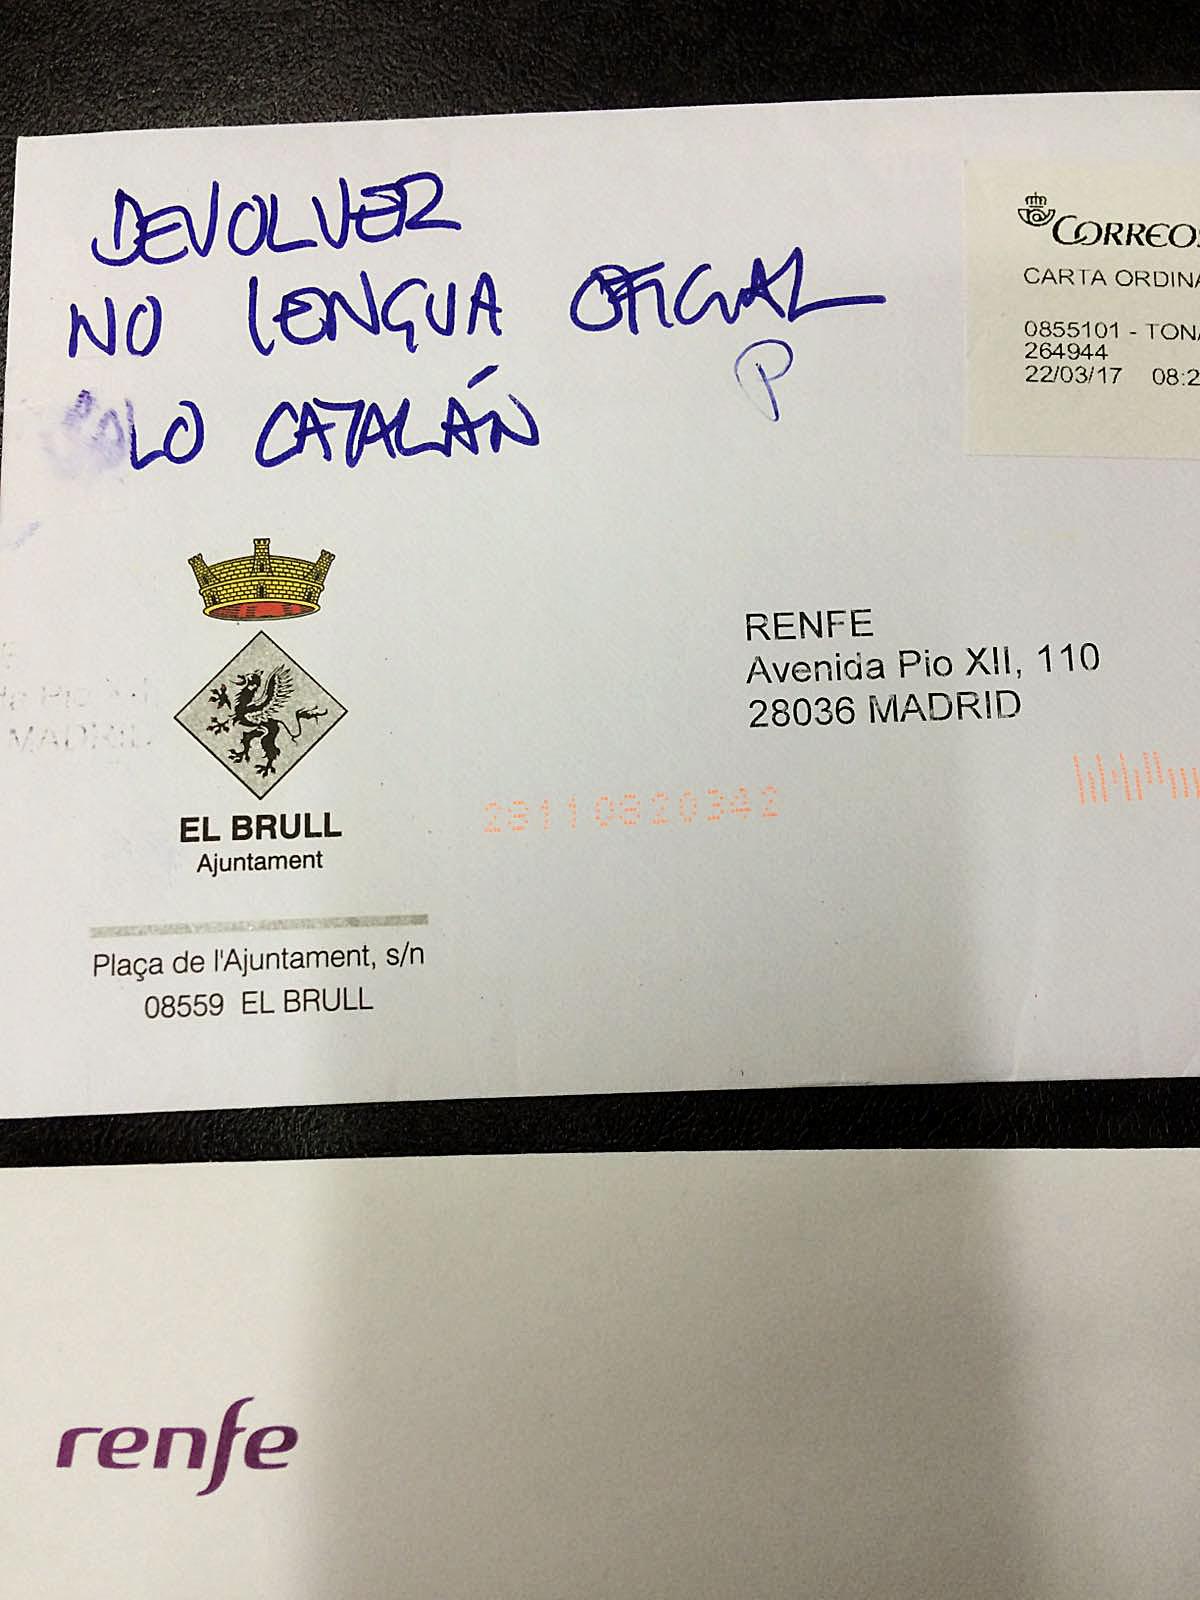 Carta retornada per Renfe a l'Ajuntament del Brull